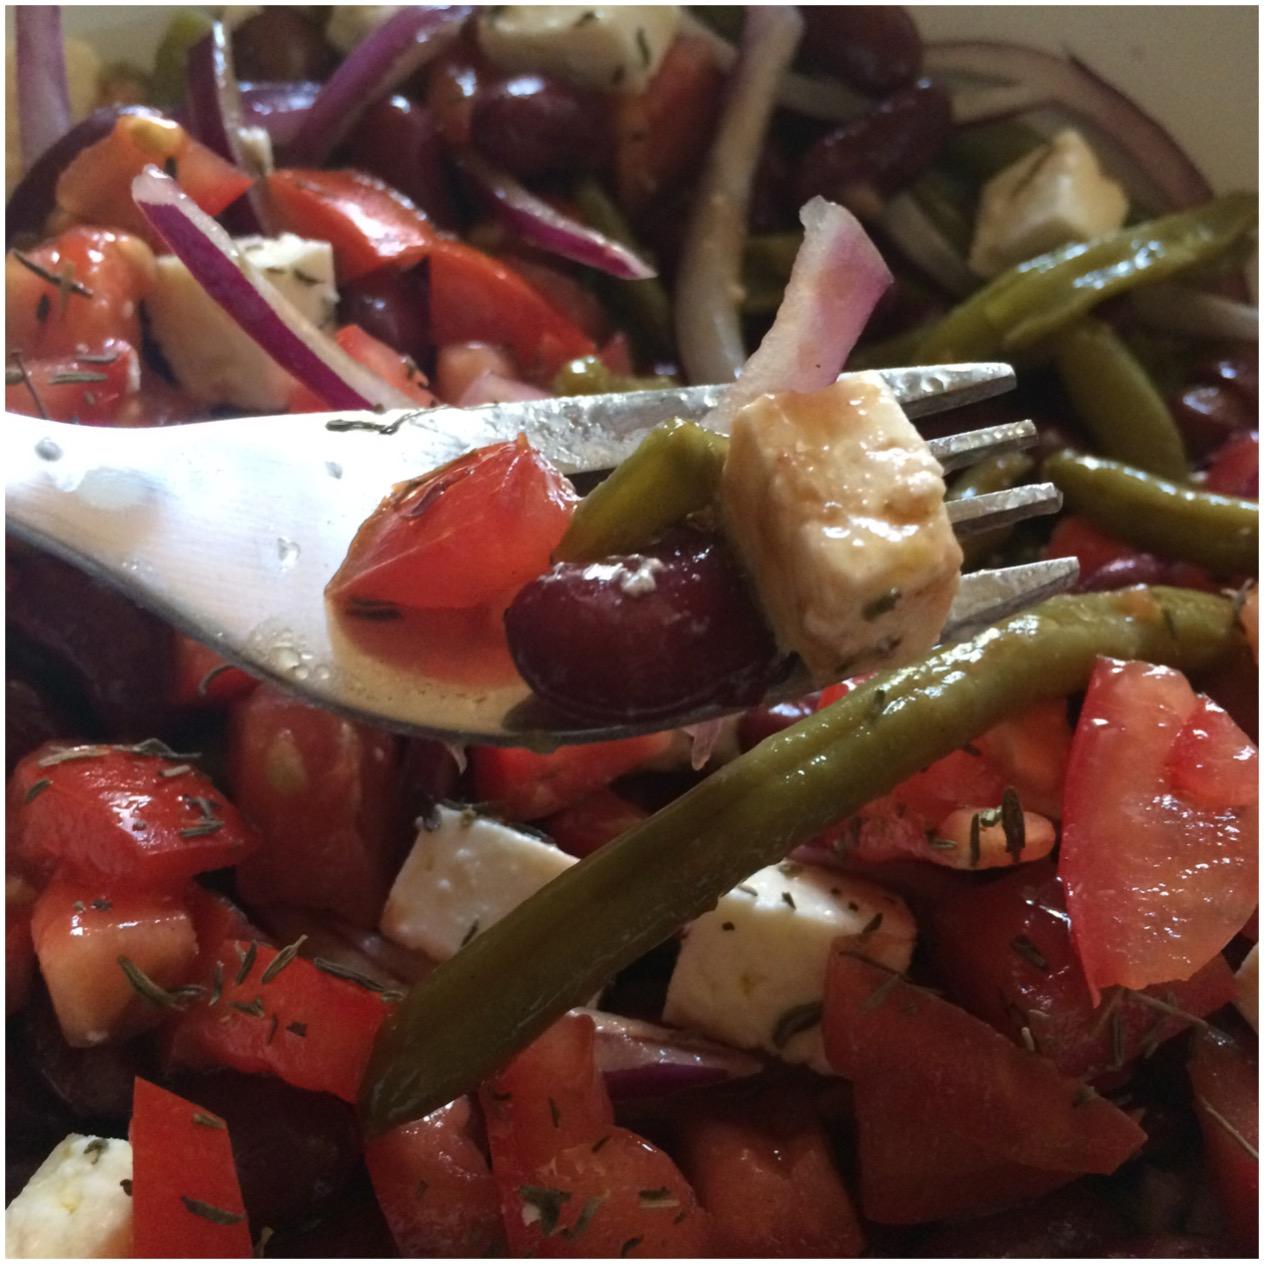 Apfelstrudel kuchen ensalada de jud as verdes tomate y - Ensalada de judias pintas ...